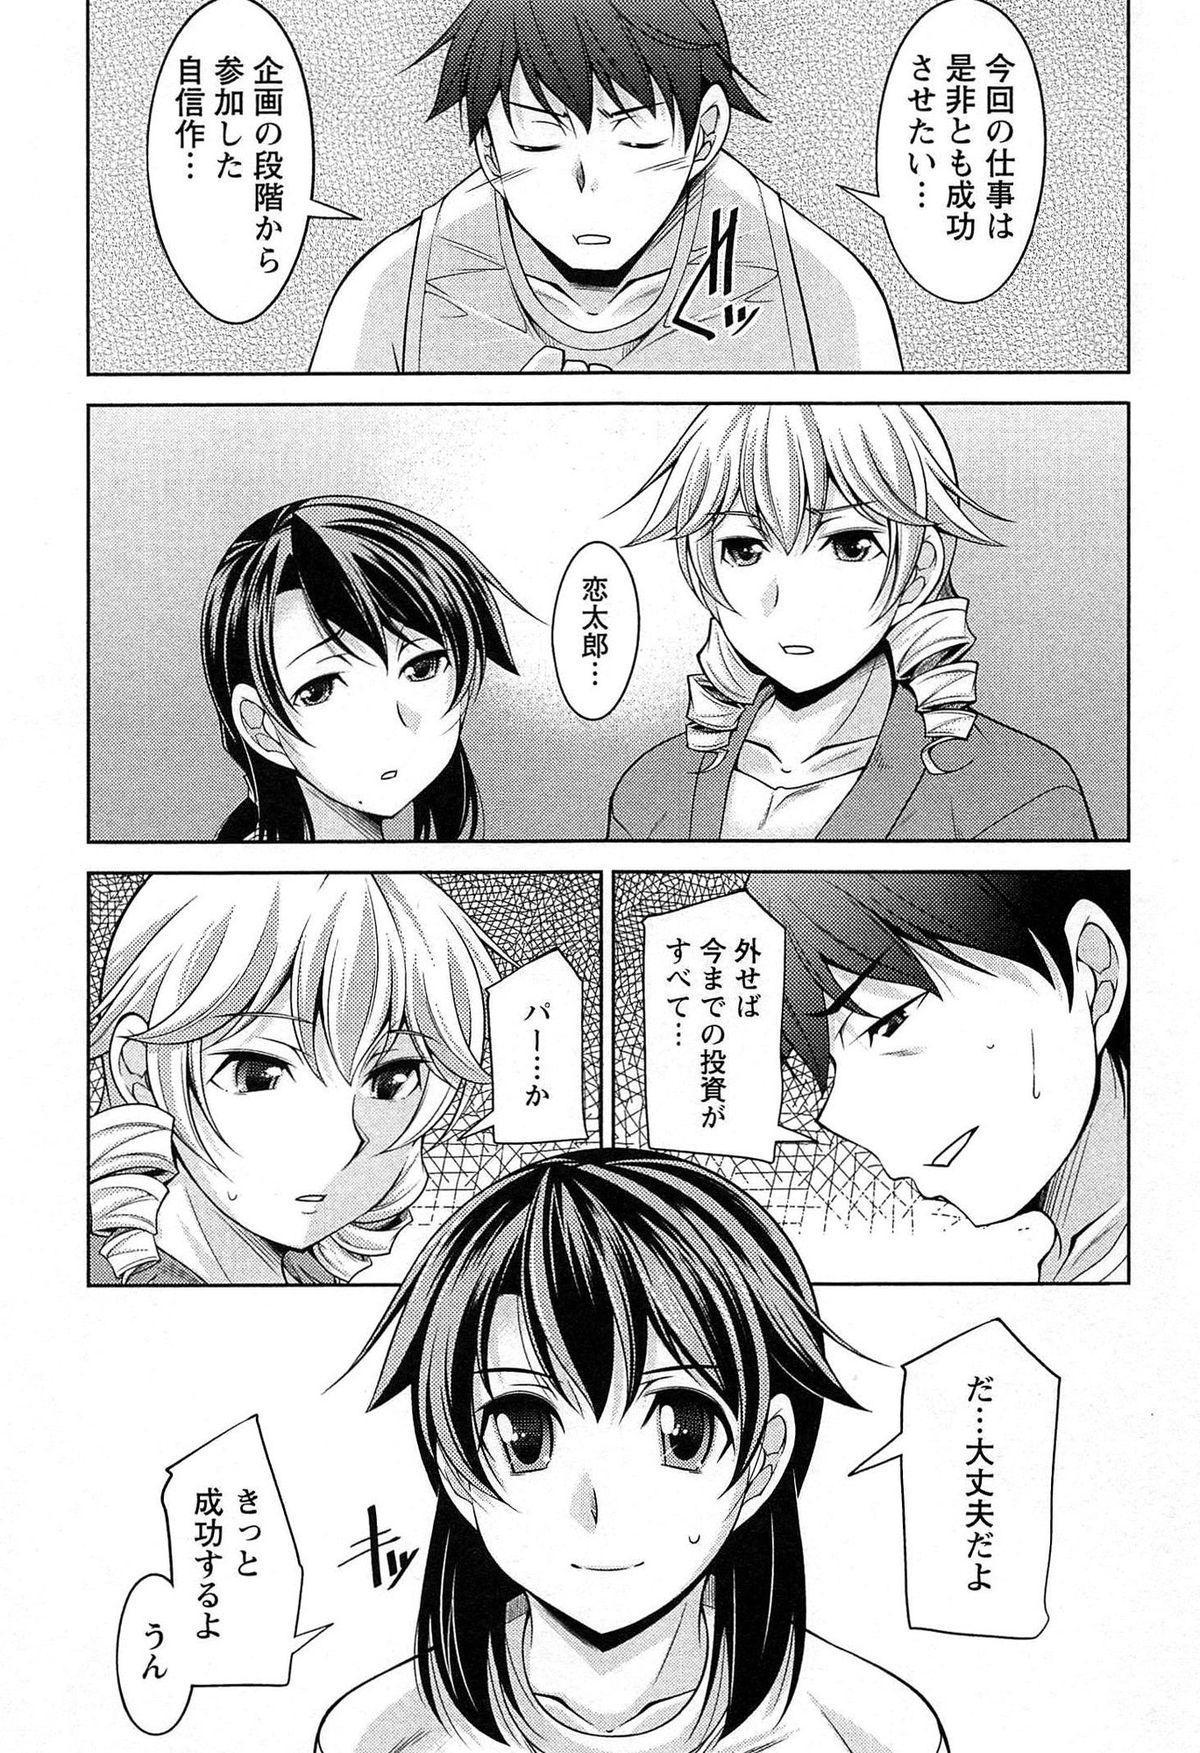 [zen9] Tsuki-wo Ai-Shite - Tsuki-ni Koi-shite 2 23